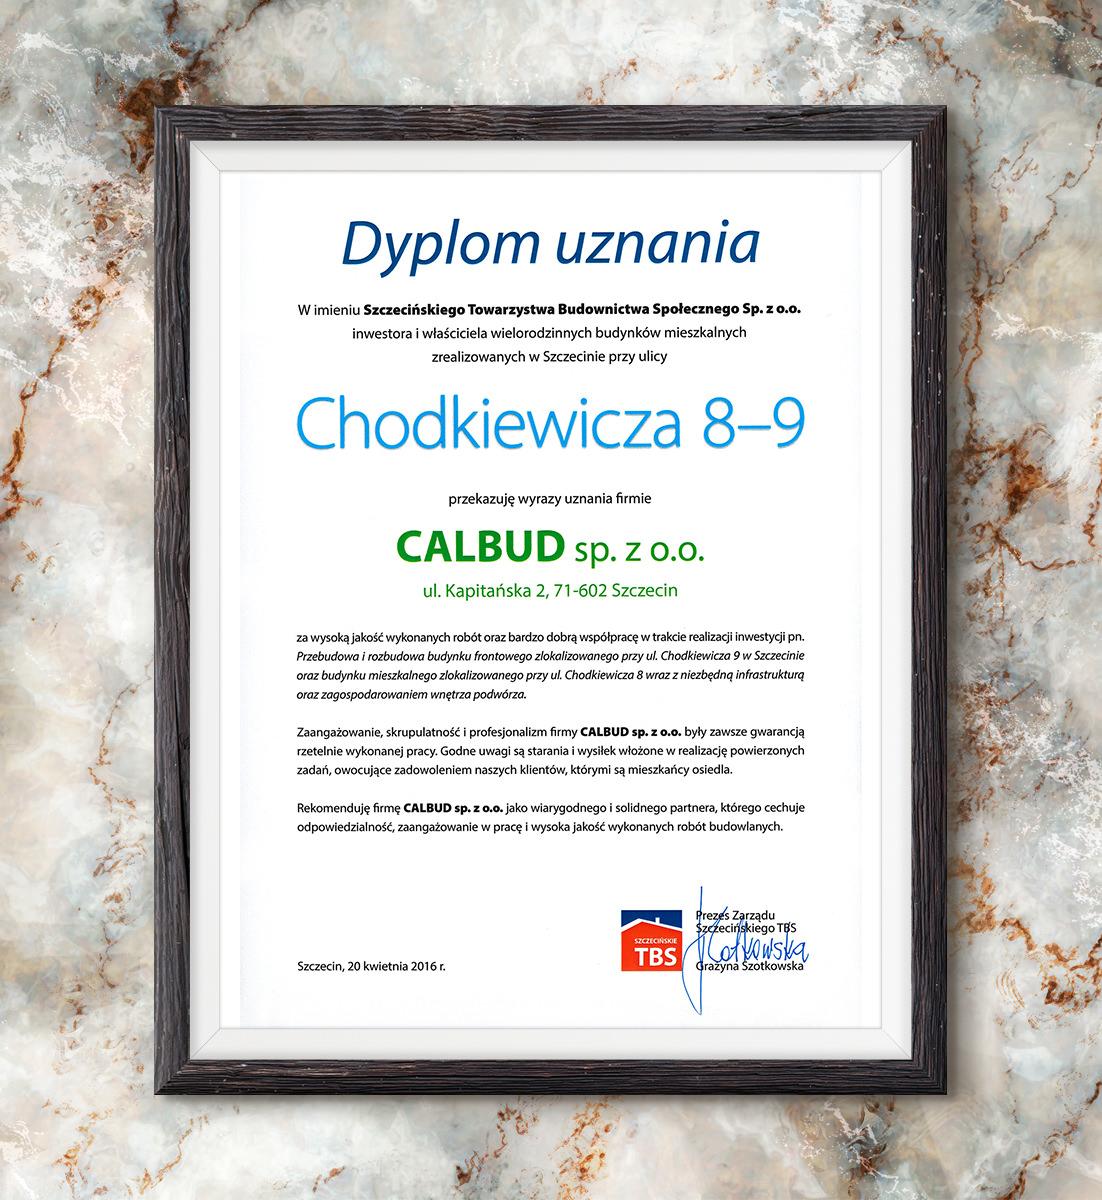 Dyplom uznania STBS - Chodkiewicza 8-9 | 2016